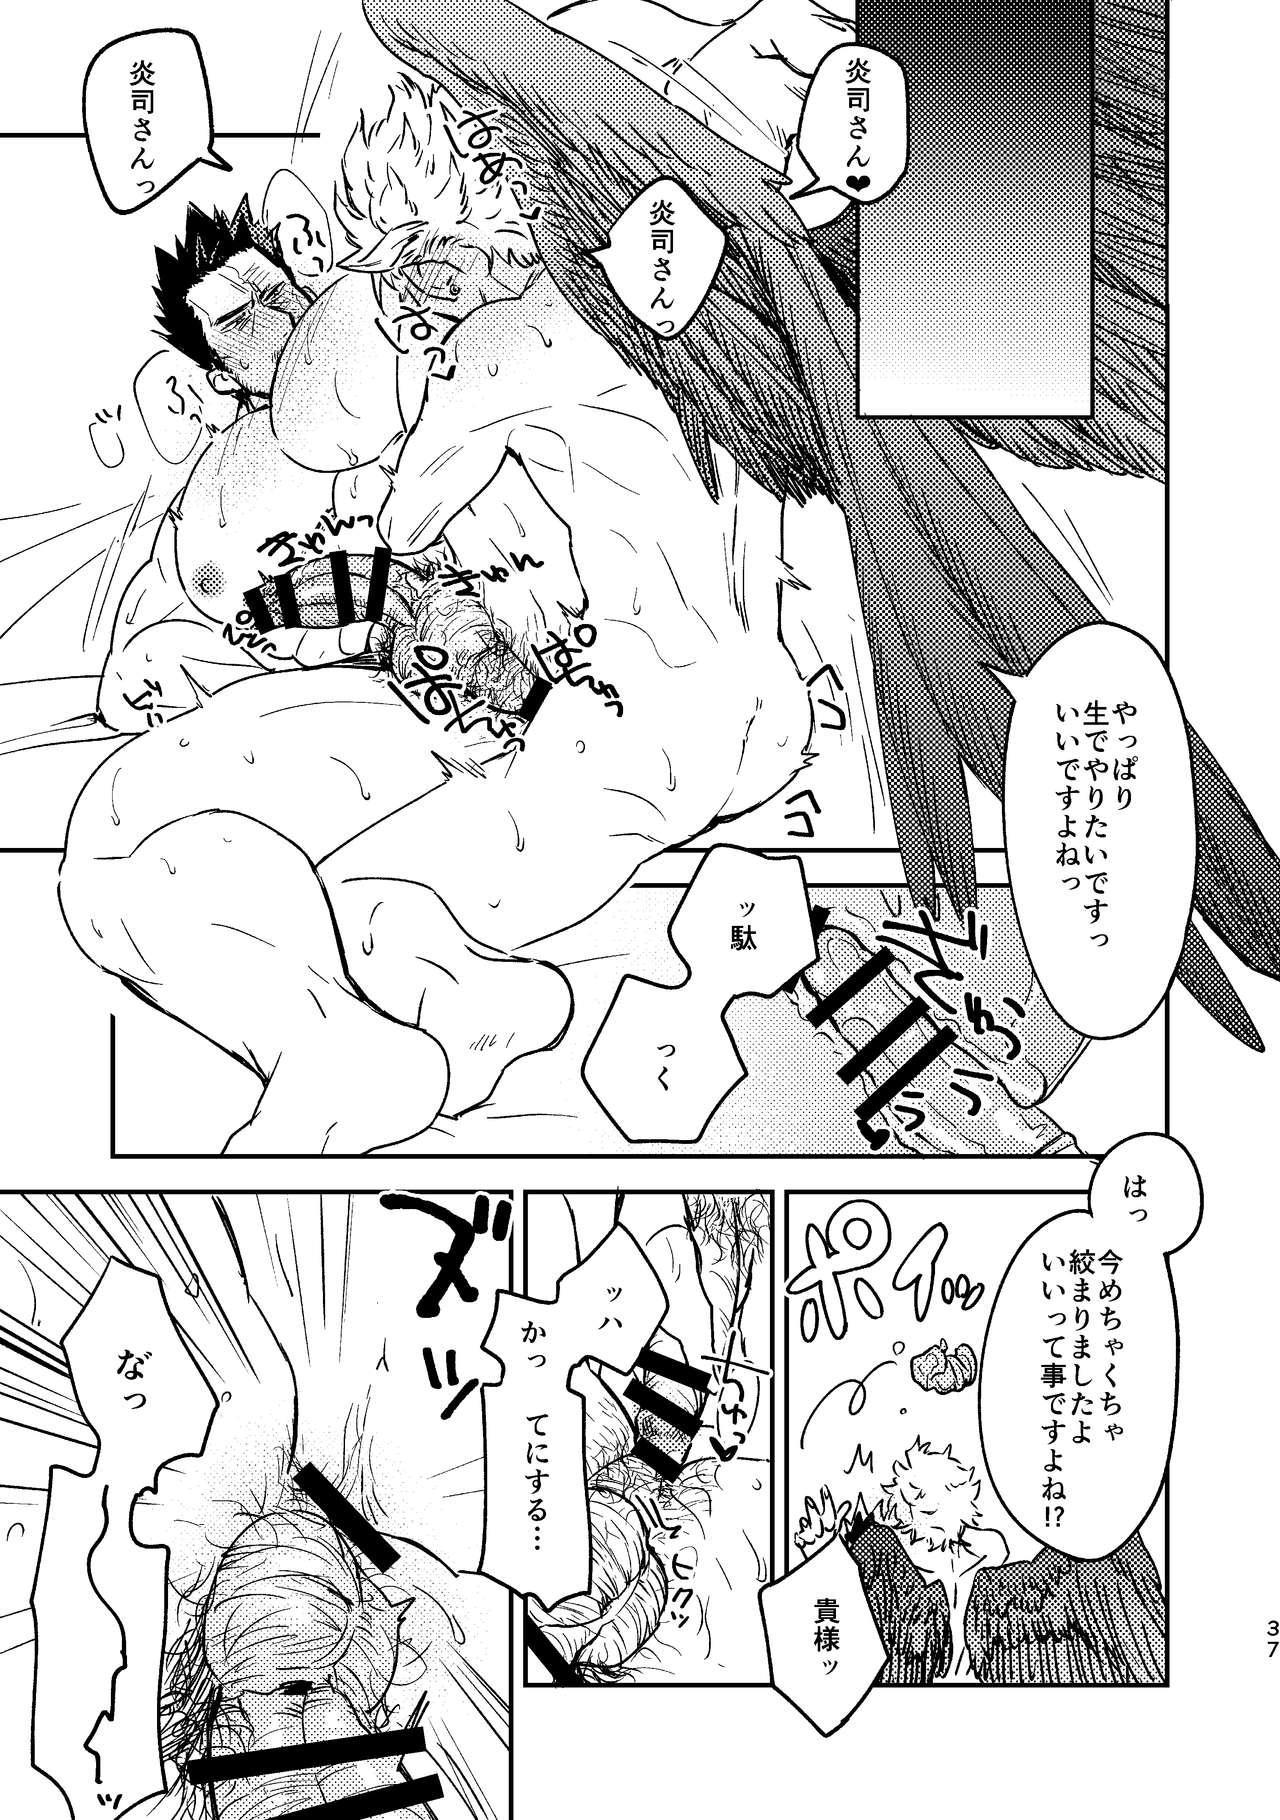 WEB Sairoku Zumi HawEn Manga ga Kami demo Yomeru Hon. 36